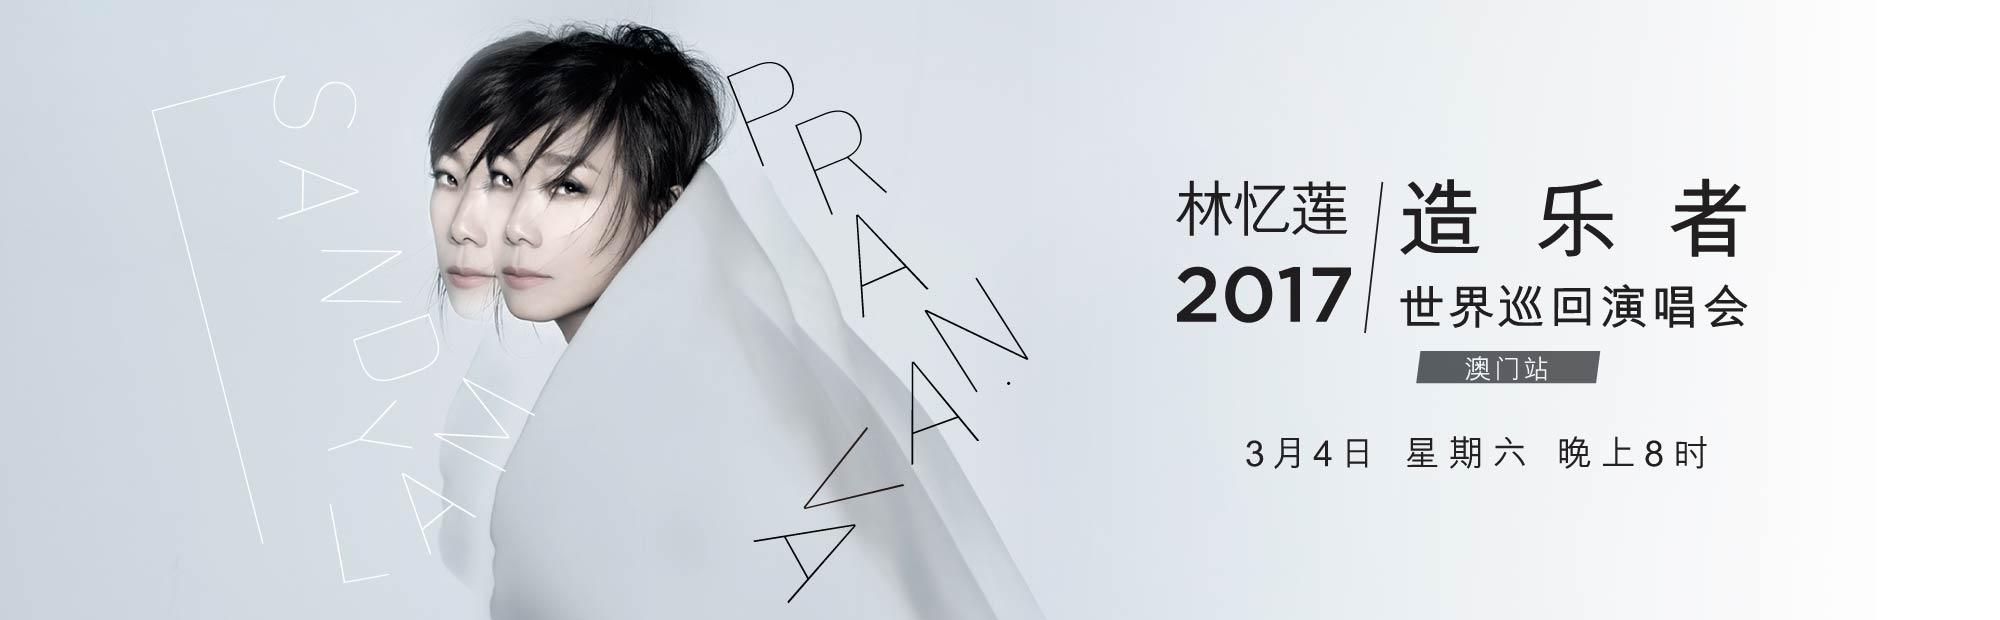 2017 林忆莲 PRANAVA / 造乐者世界巡回演唱会 - 澳门站